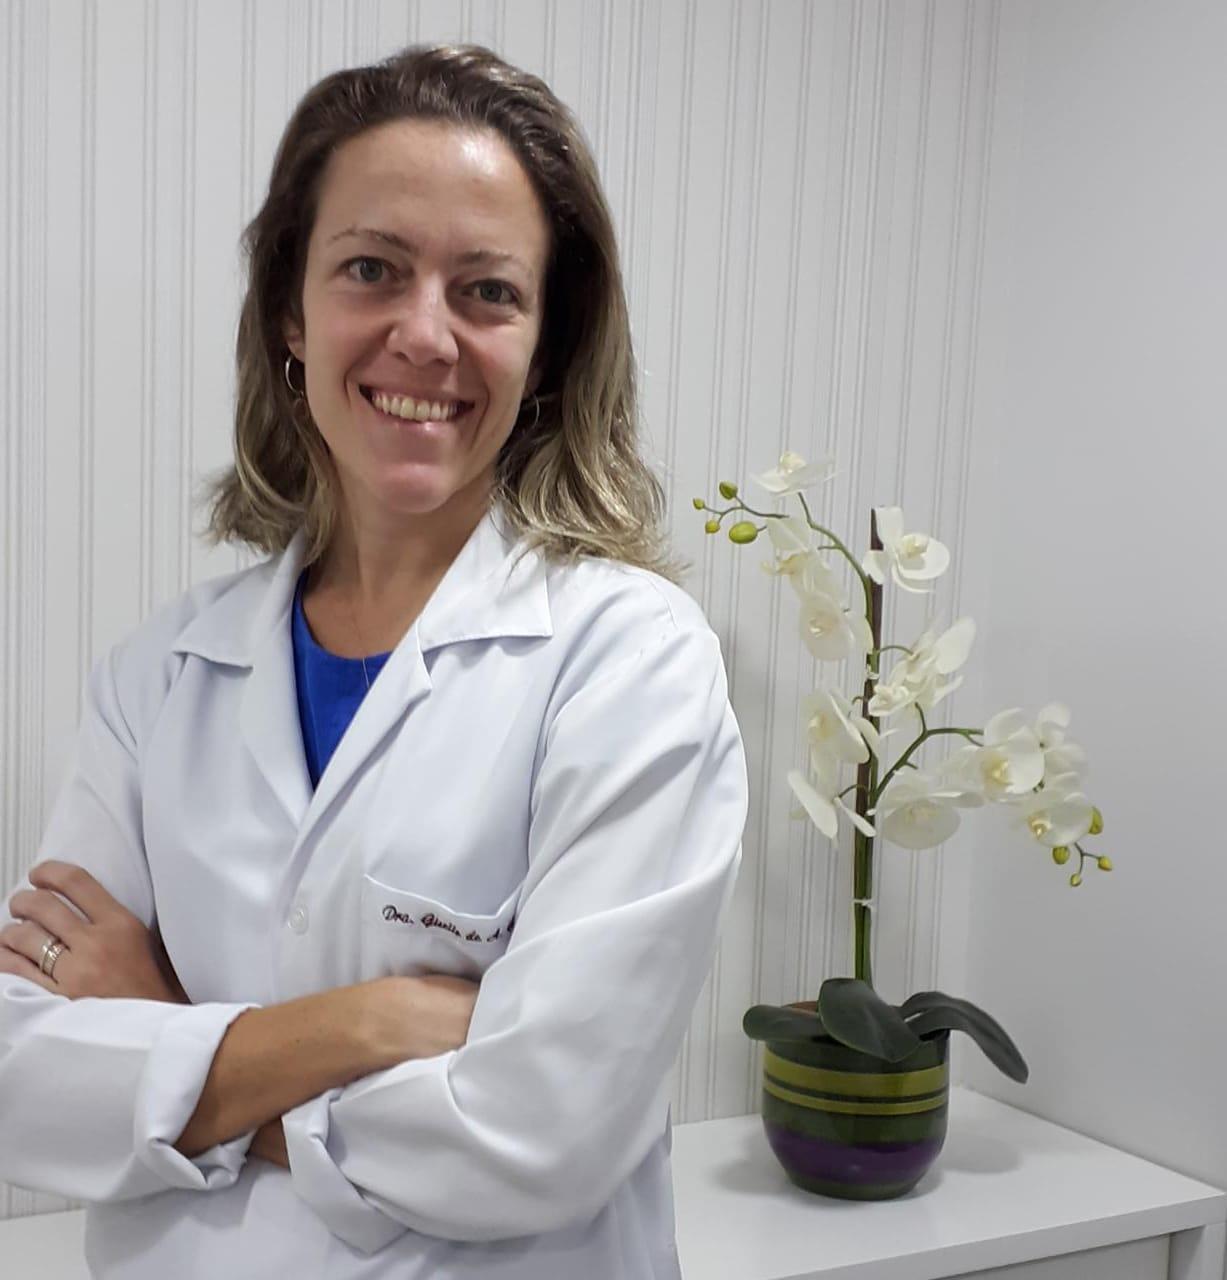 Dra. Giselle de Araújo Gomes